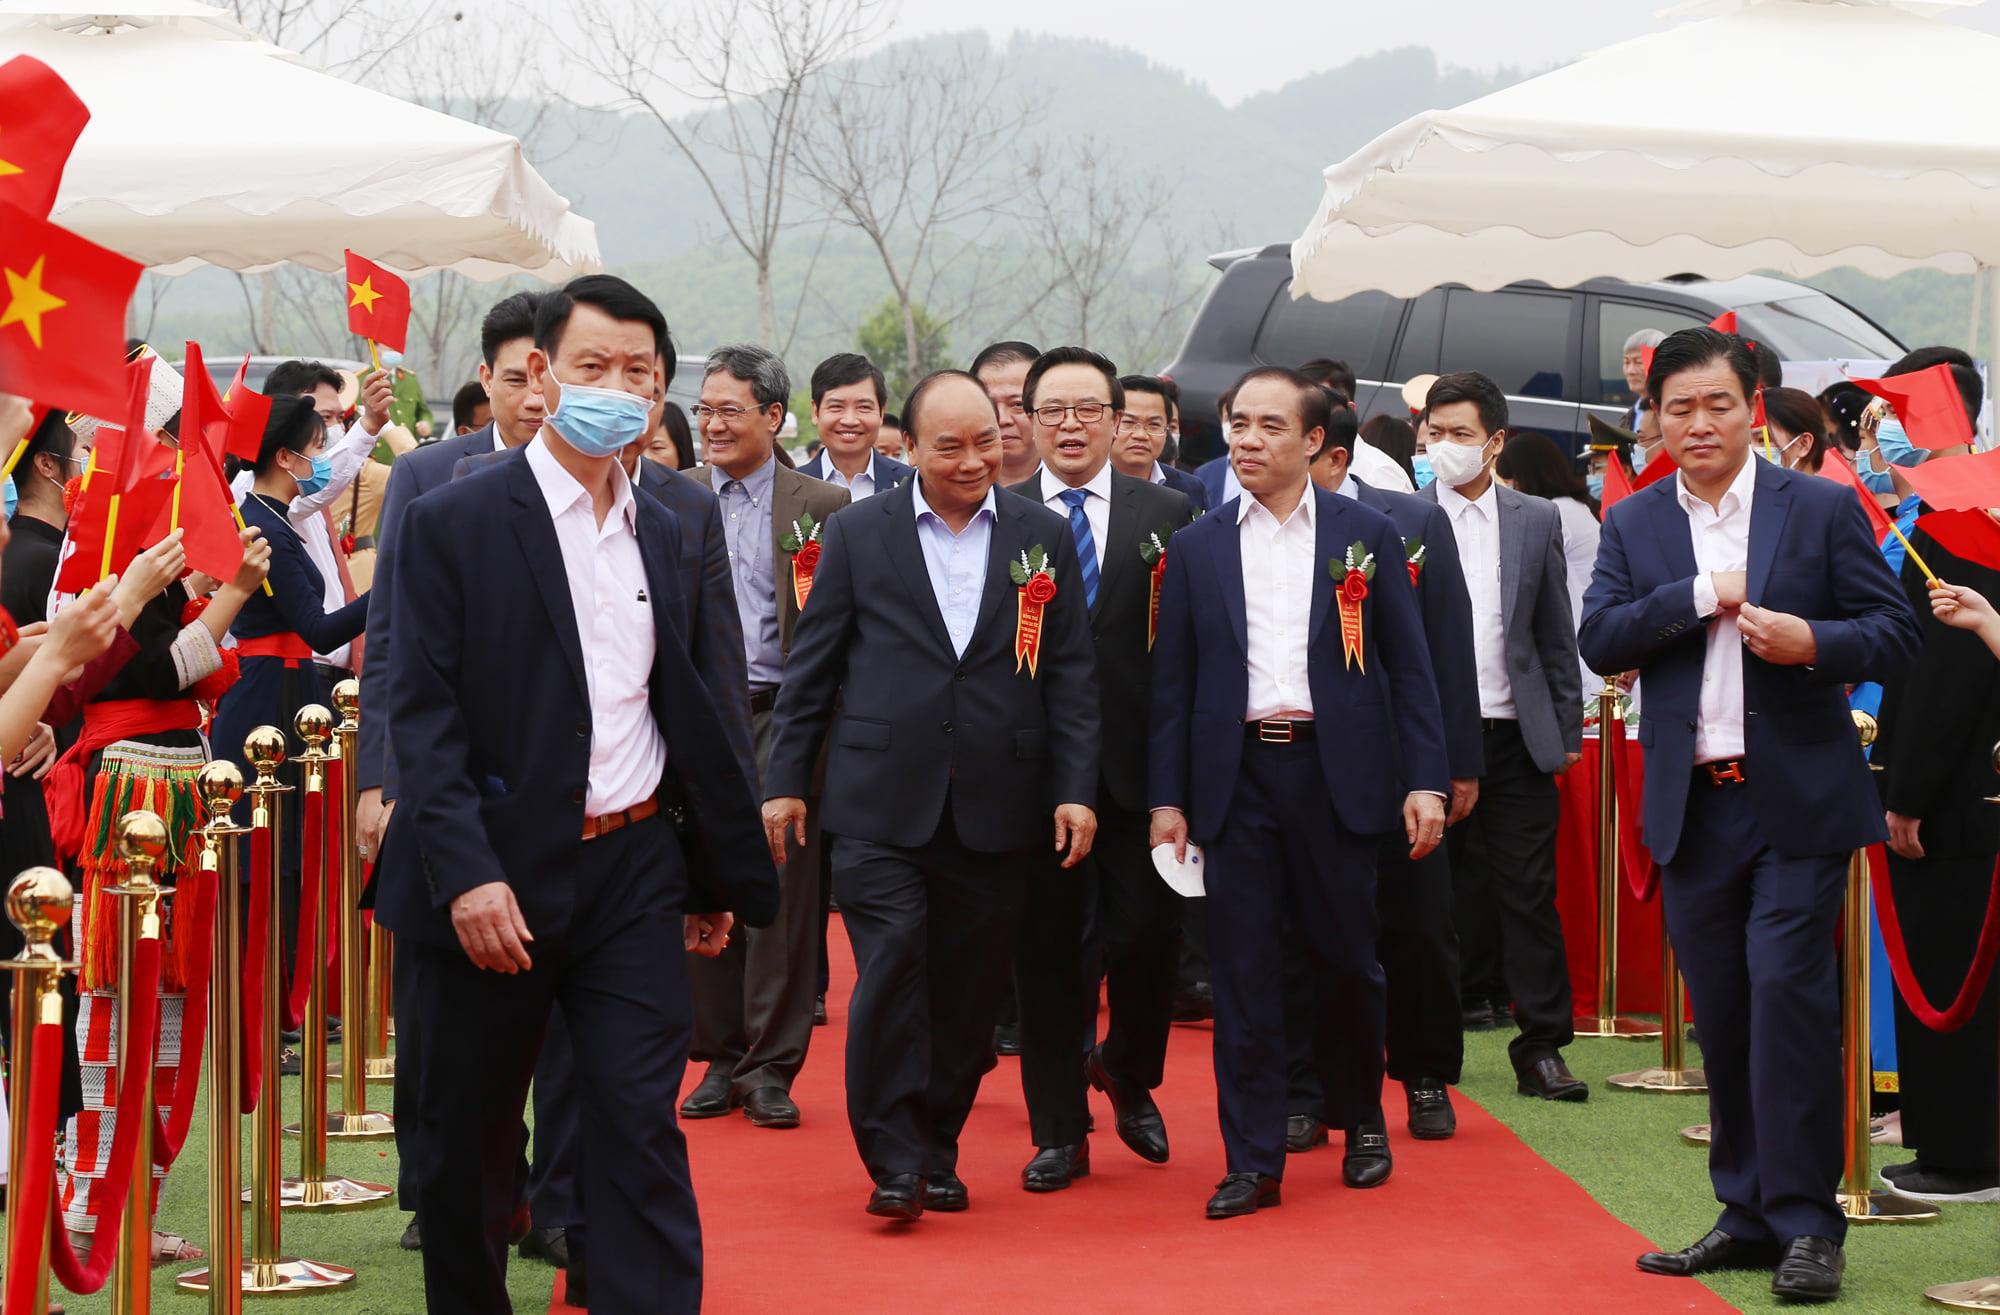 Động thổ cao tốc Tuyên Quang - Phú Thọ - Ảnh 1.